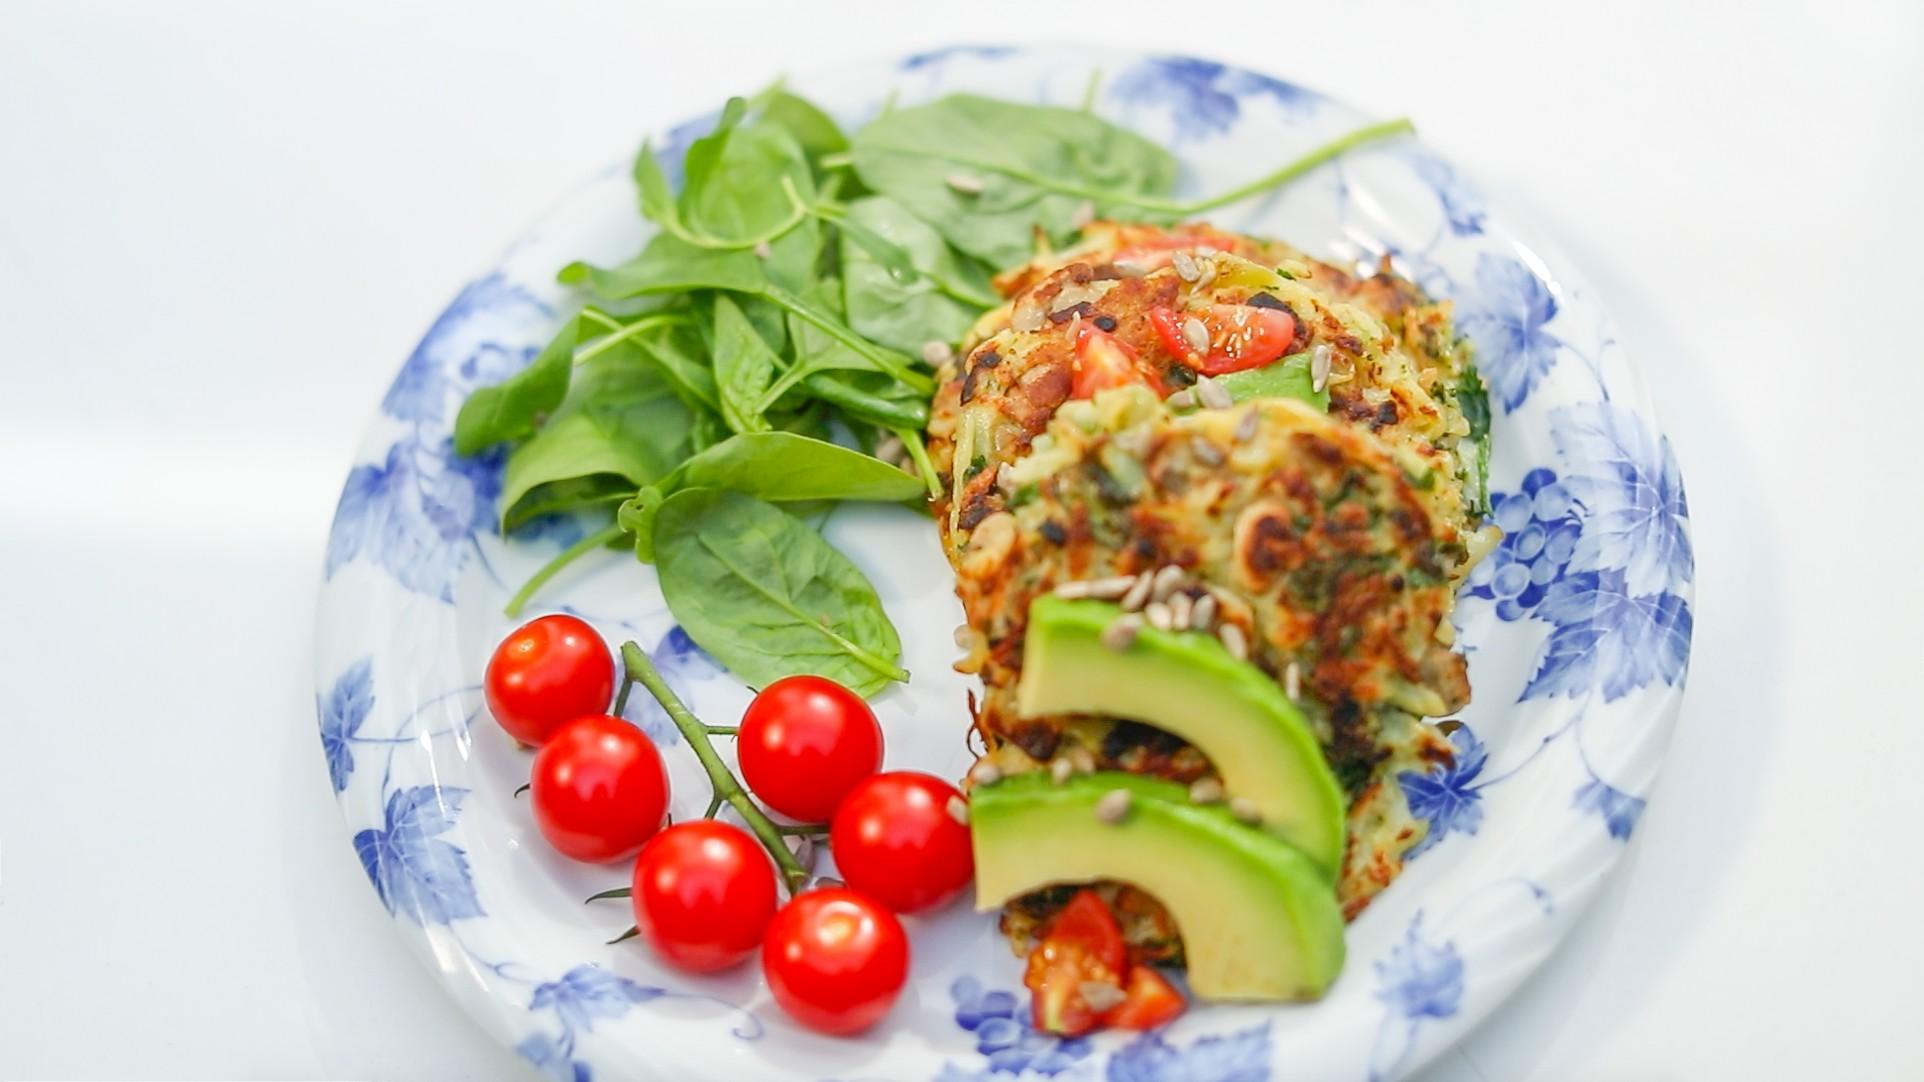 Fitness On Toast Potato Frittata Healthy Easy Breakfast Idea -1